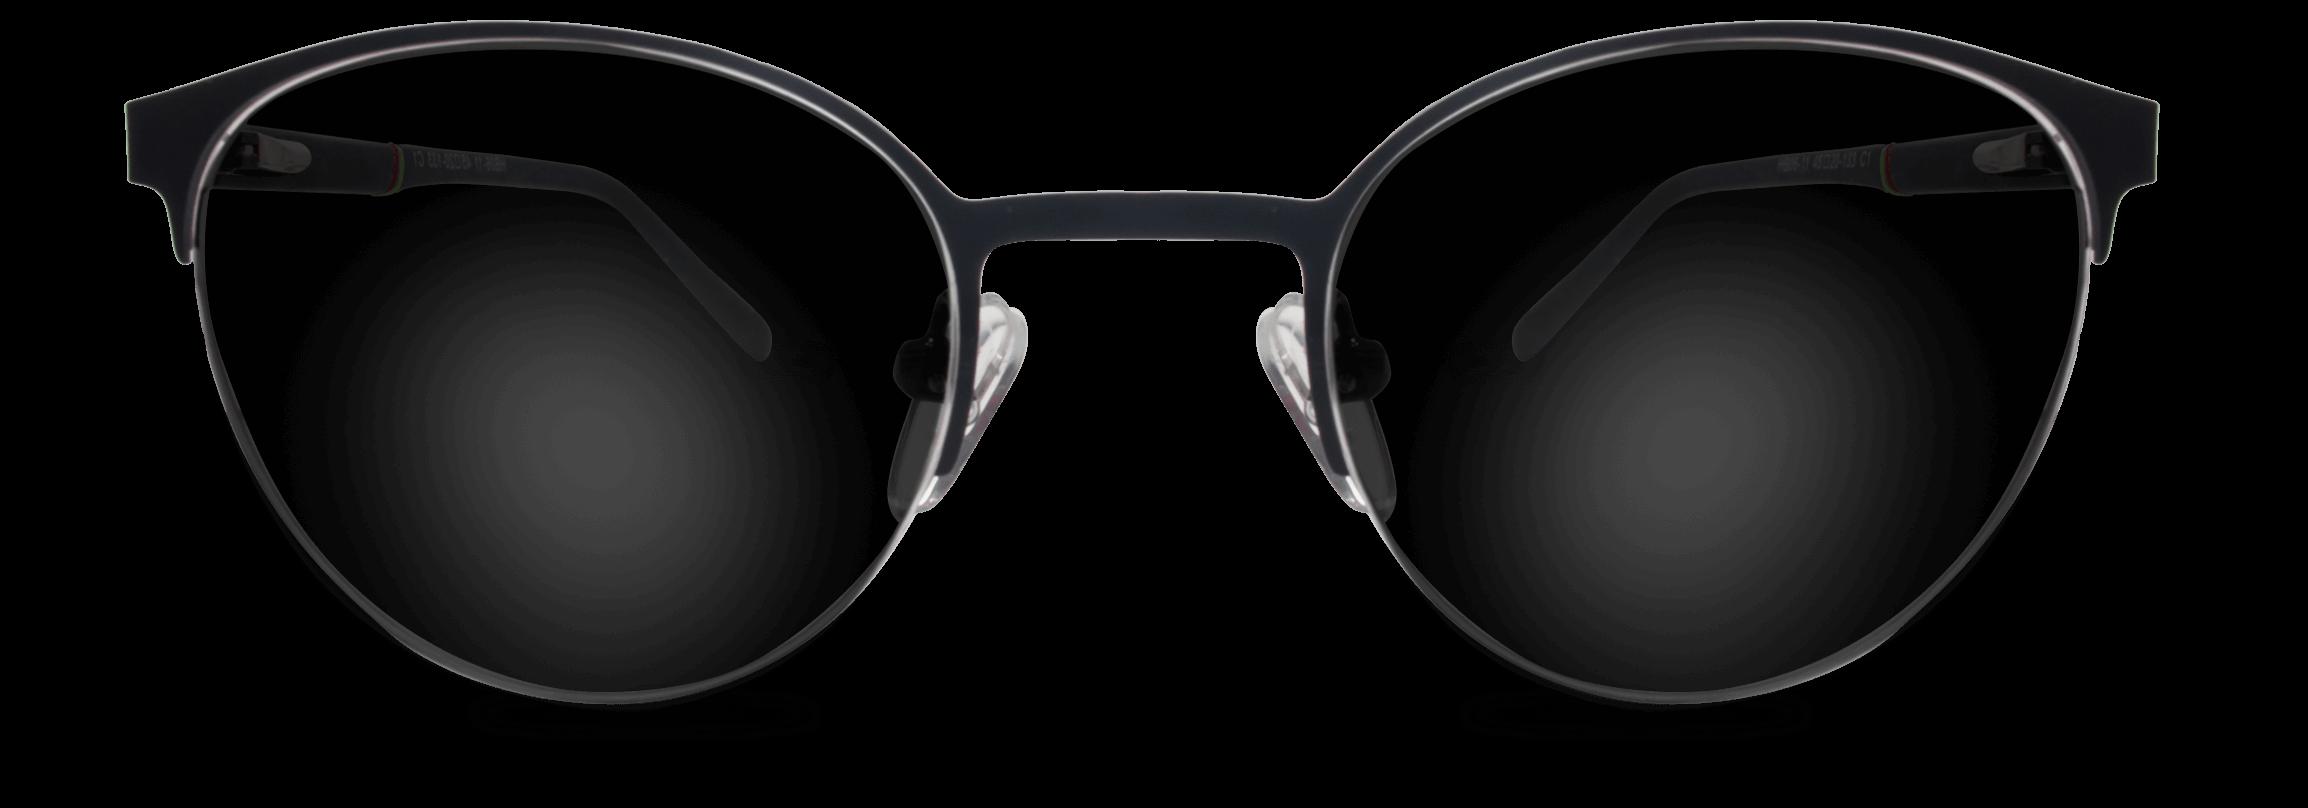 Magic Zoom Plus - Examples